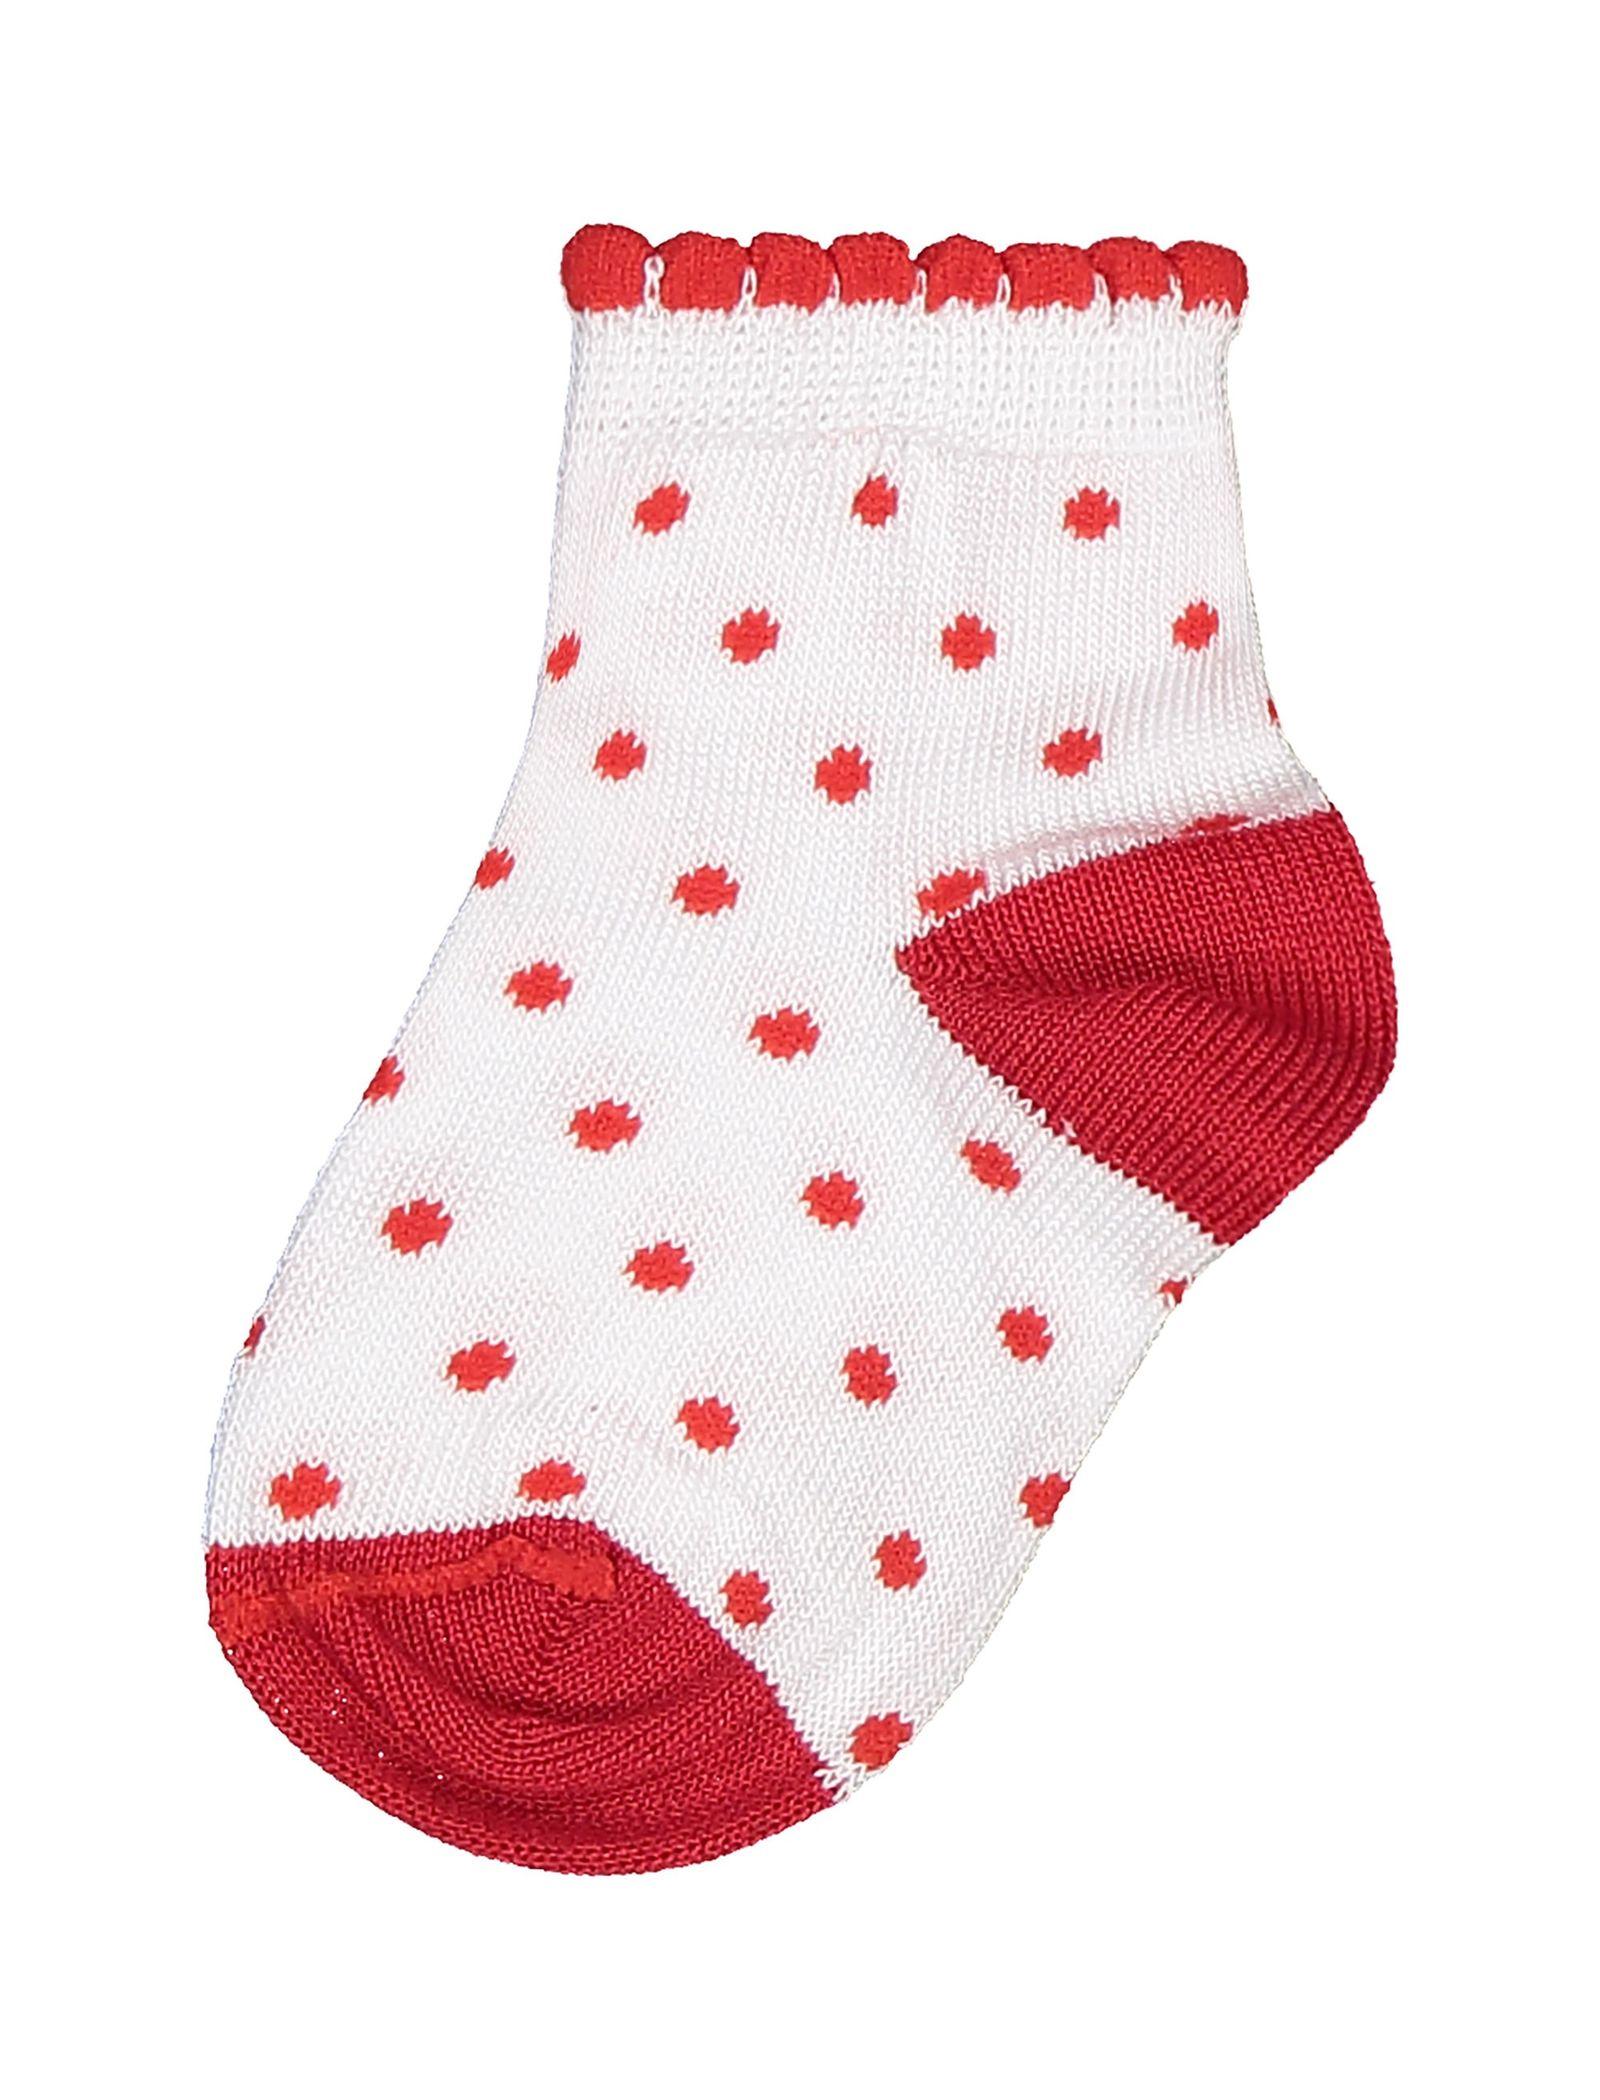 جوراب نخی طرح دار نوزادی دخترانه - ایدکس - سفيد و قرمز - 2